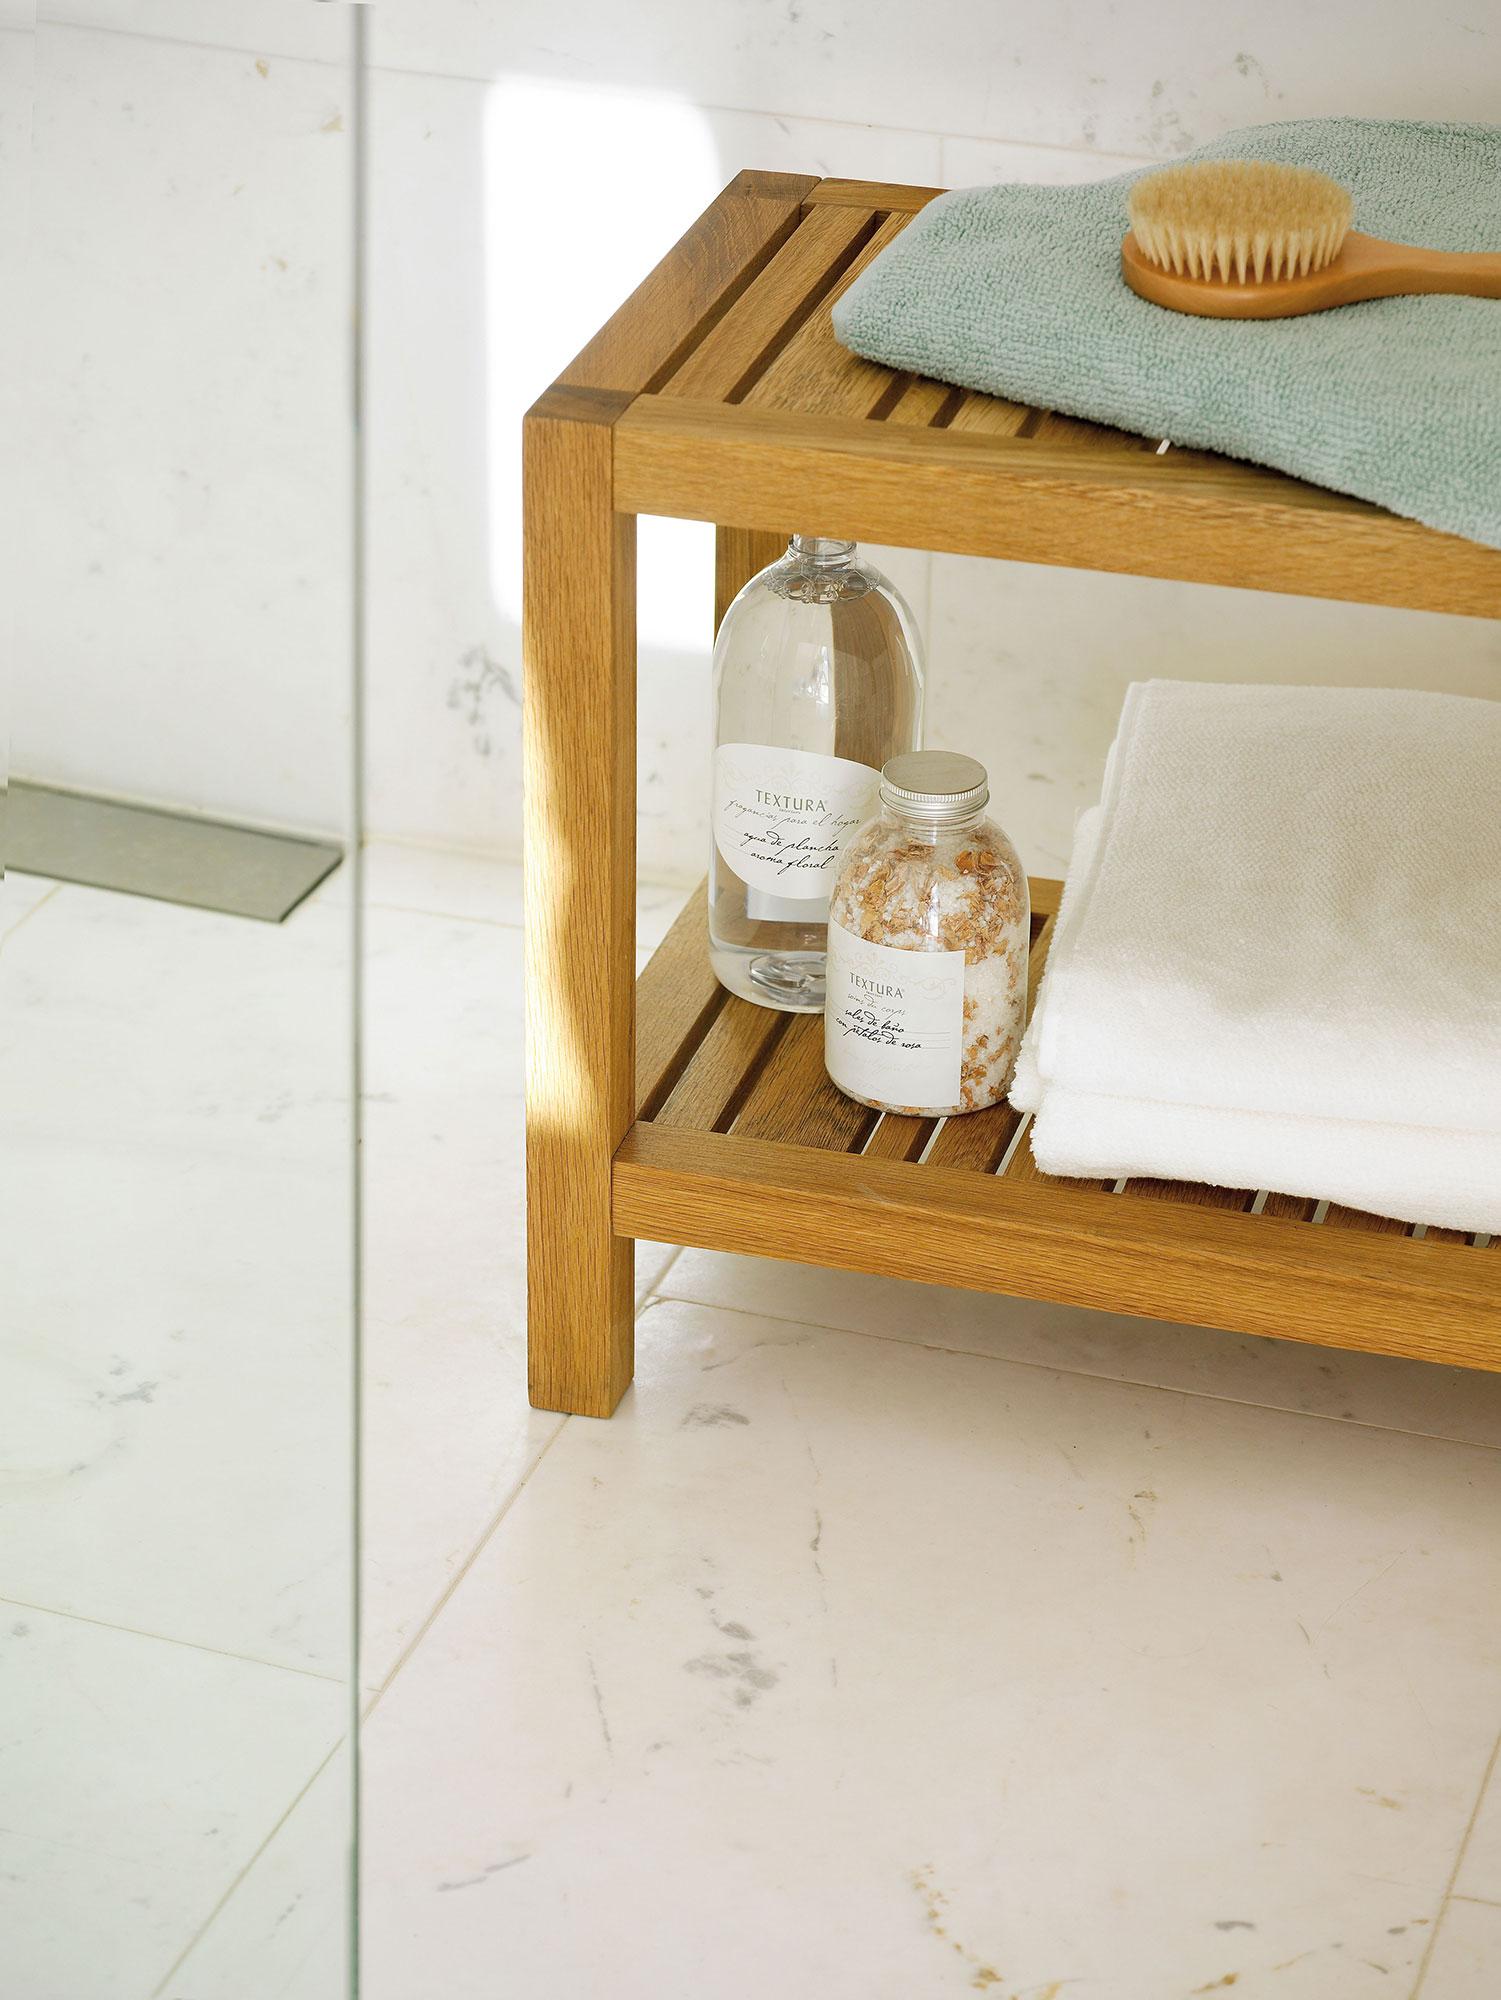 Trucos naturales para mantener el ba o impecable for Azulejos suelo bano